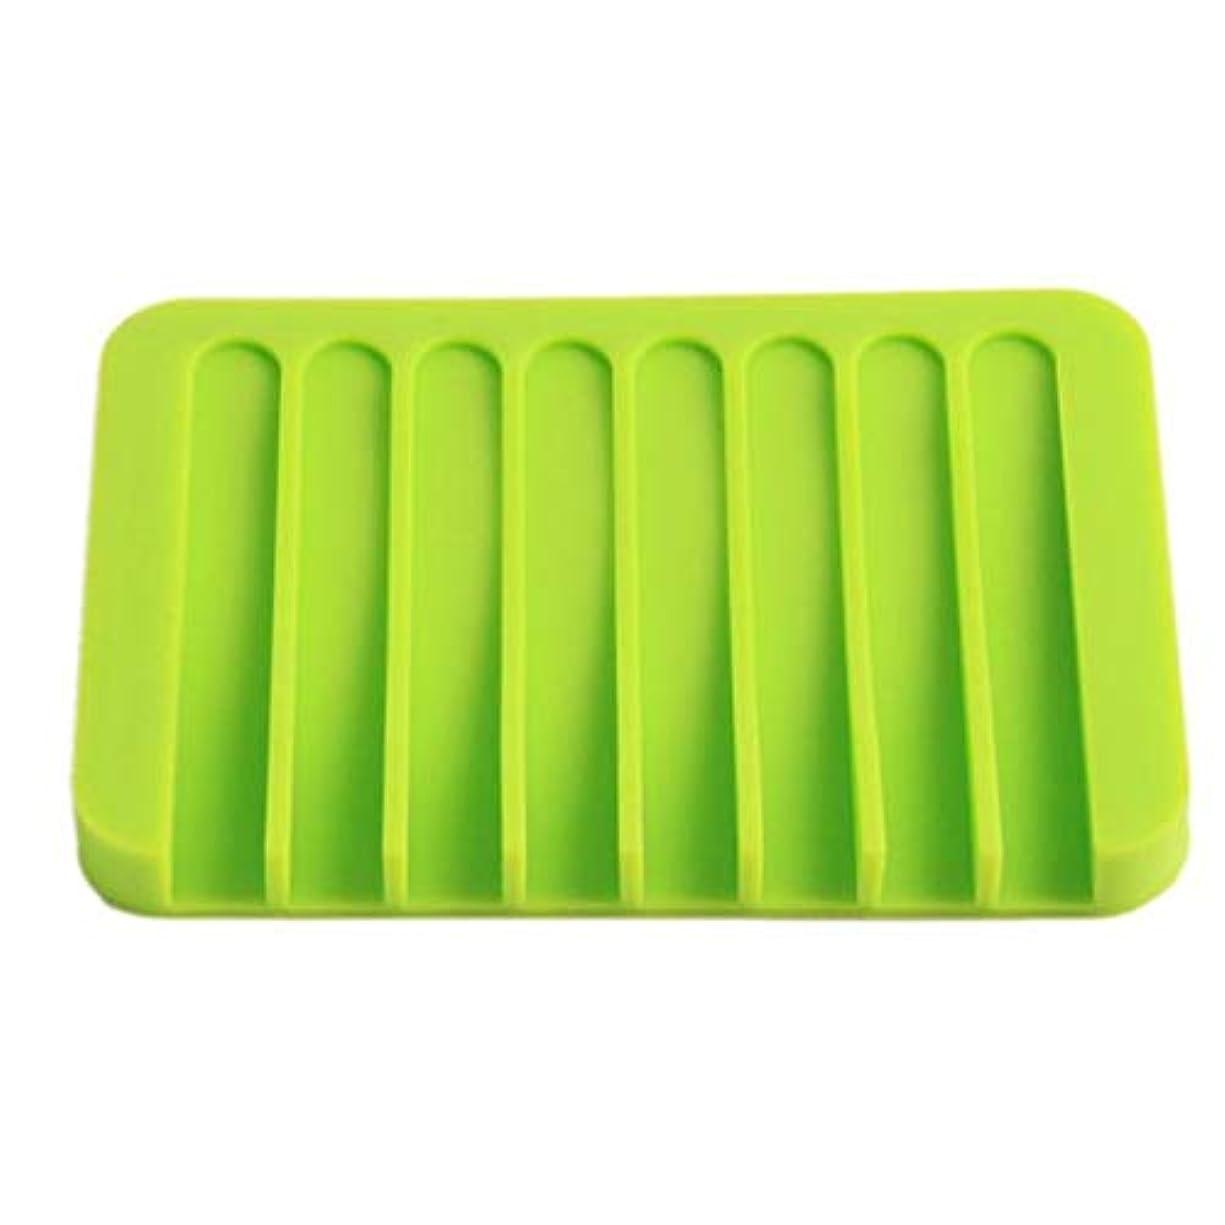 前述の機関難破船Onior プレミアム品質のシリコーン浴室柔軟な石鹸皿ソープホルダー収納ソープボックスプレートトレイ排水、グリーン